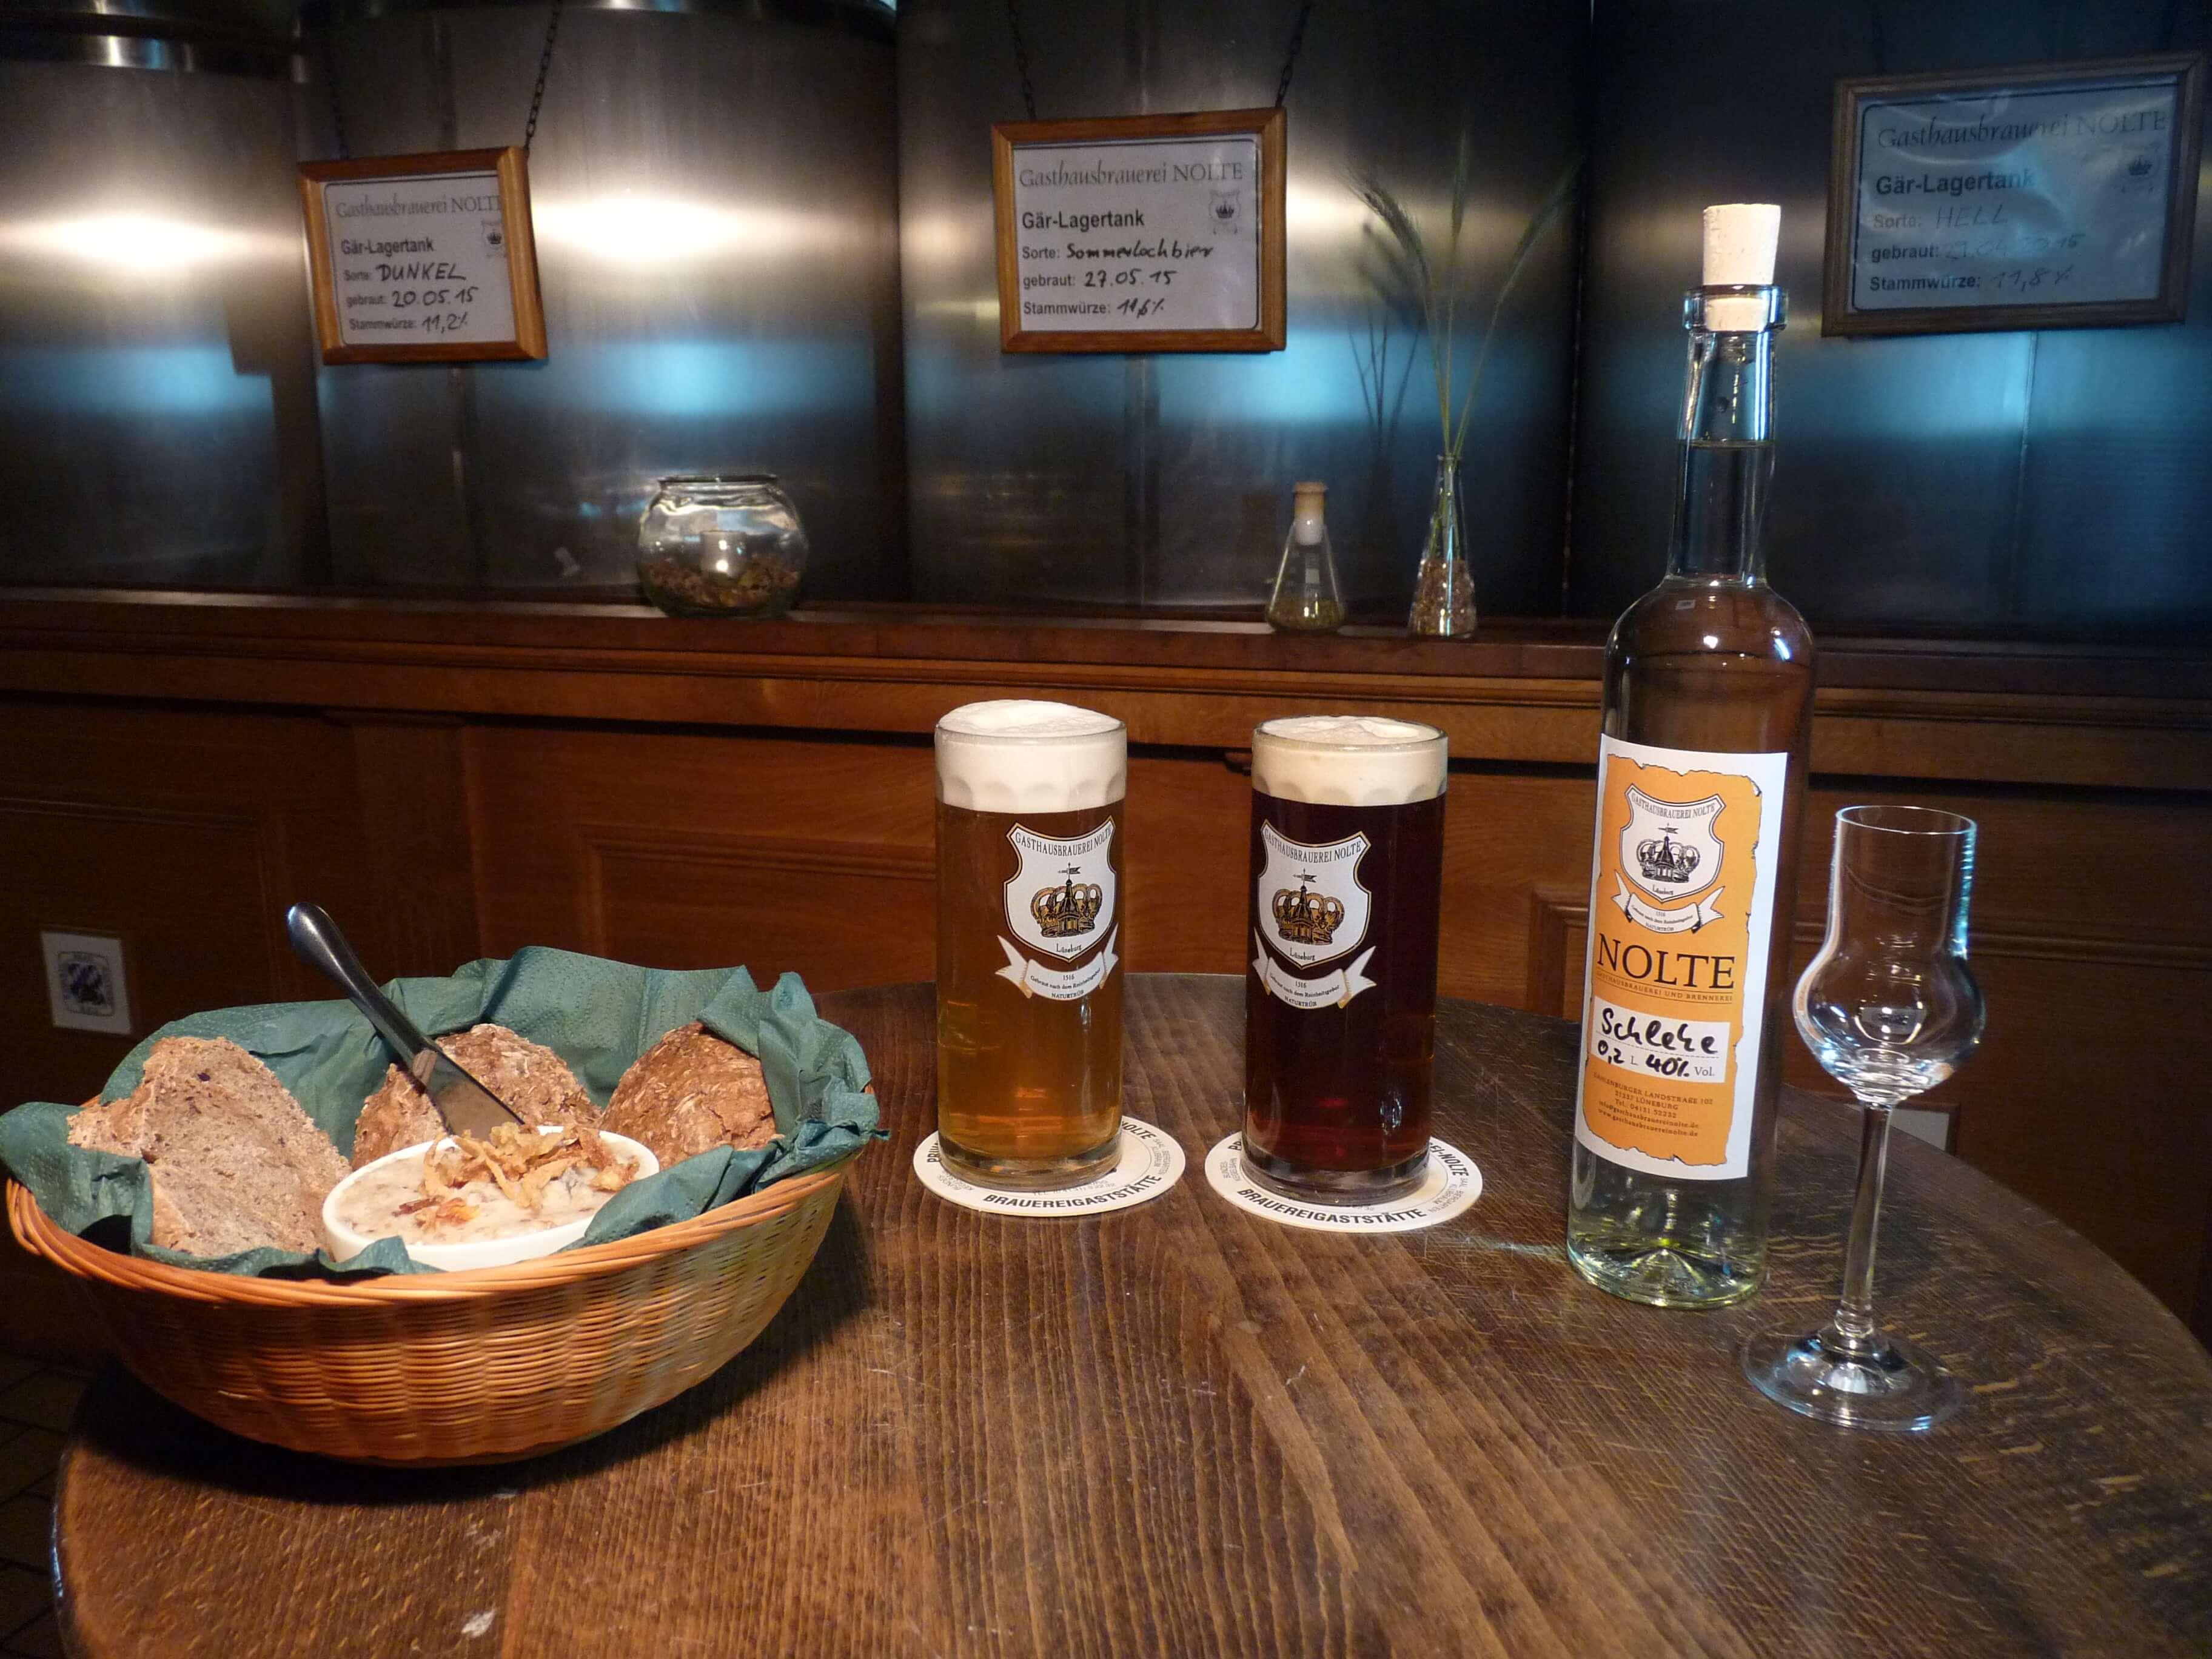 Brauhaus-Nolte-Lueneburg-Angebot